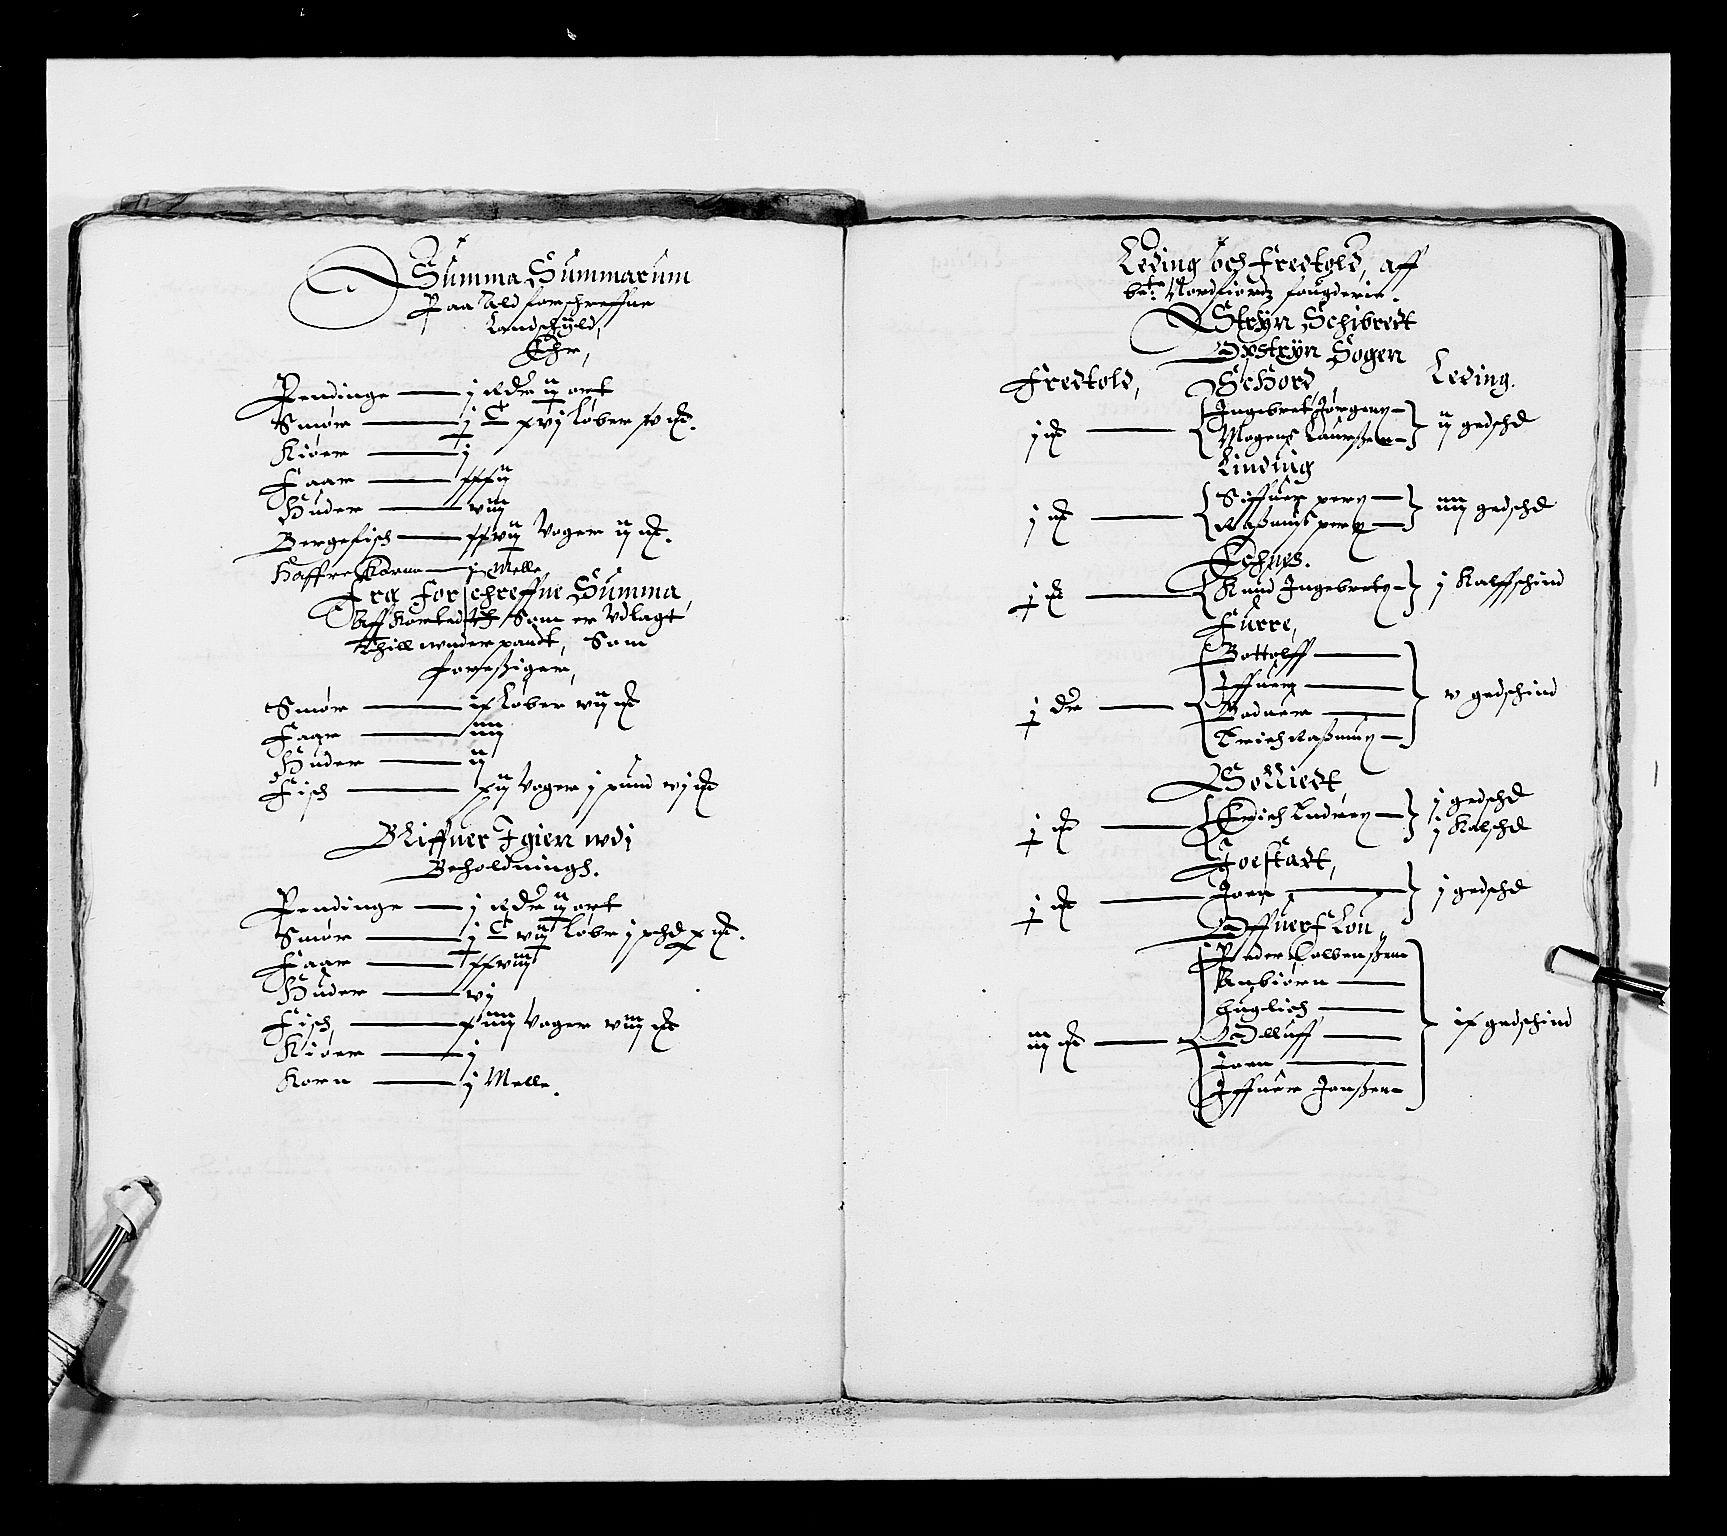 RA, Stattholderembetet 1572-1771, Ek/L0025: Jordebøker 1633-1658:, 1645-1646, s. 190